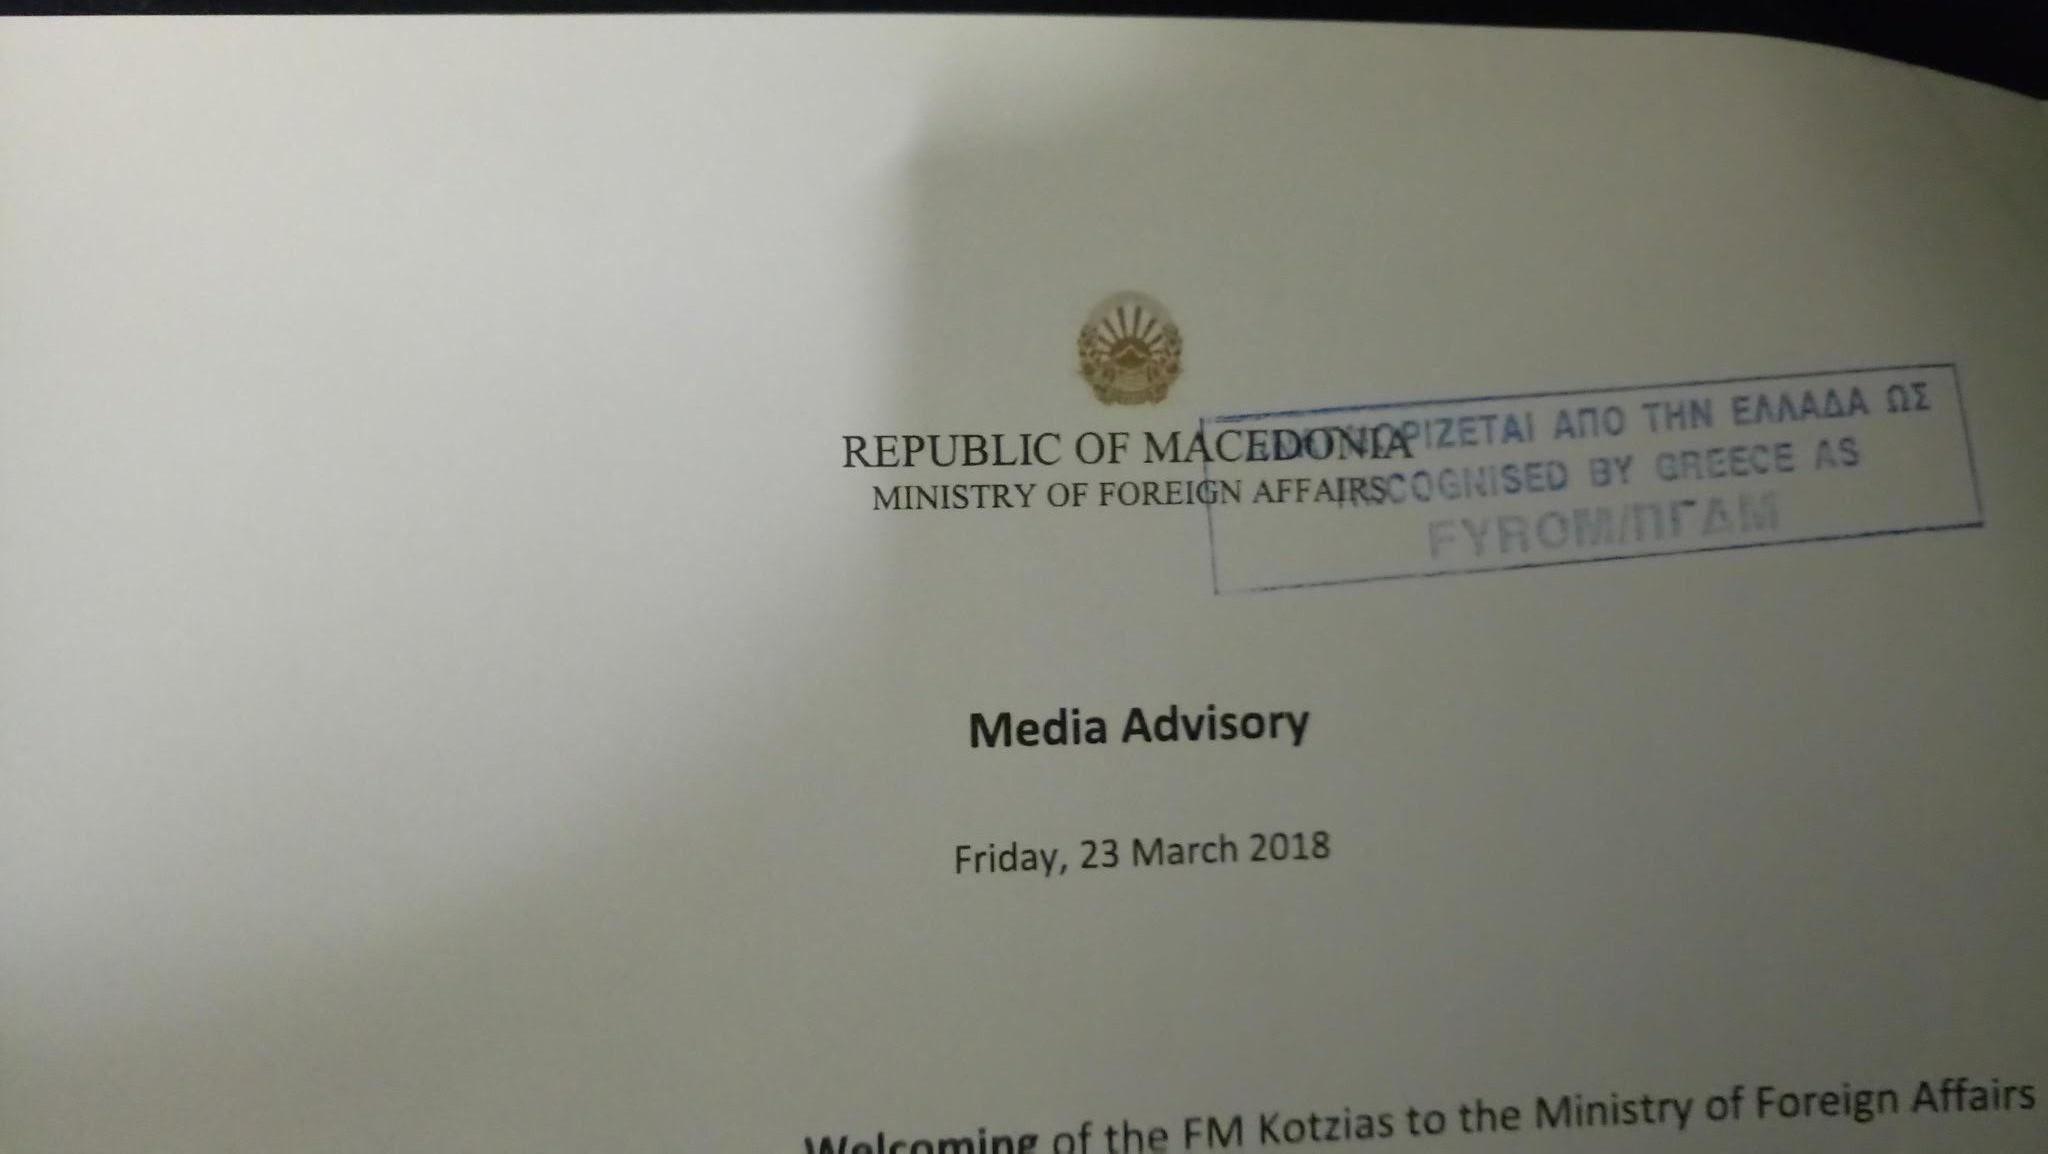 Υποδέχτηκαν τον Κοτζιά ως «Δημοκρατία της Μακεδονίας»